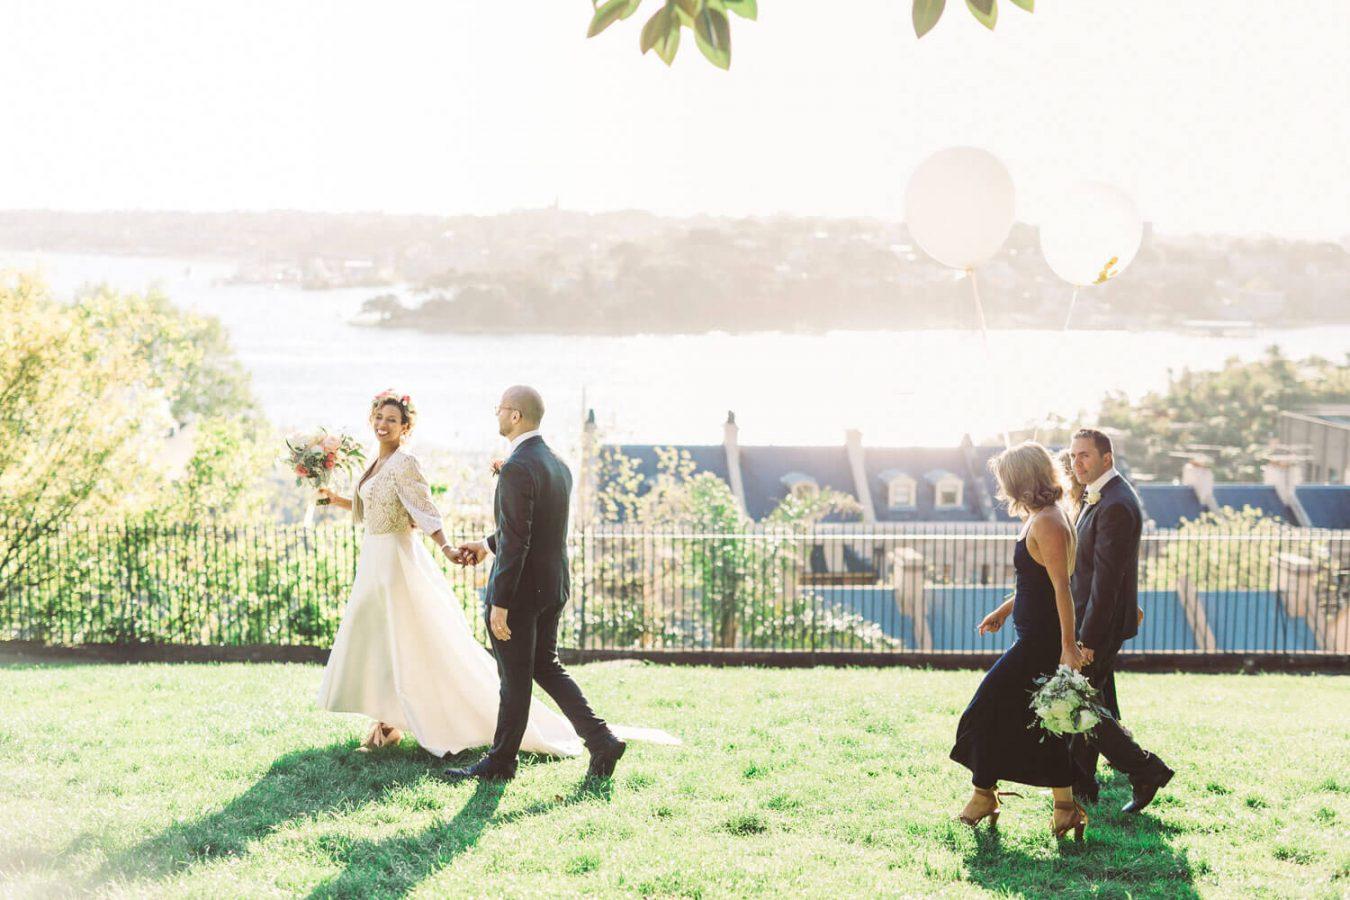 lela_rob_wedding_kat_rollings-0312